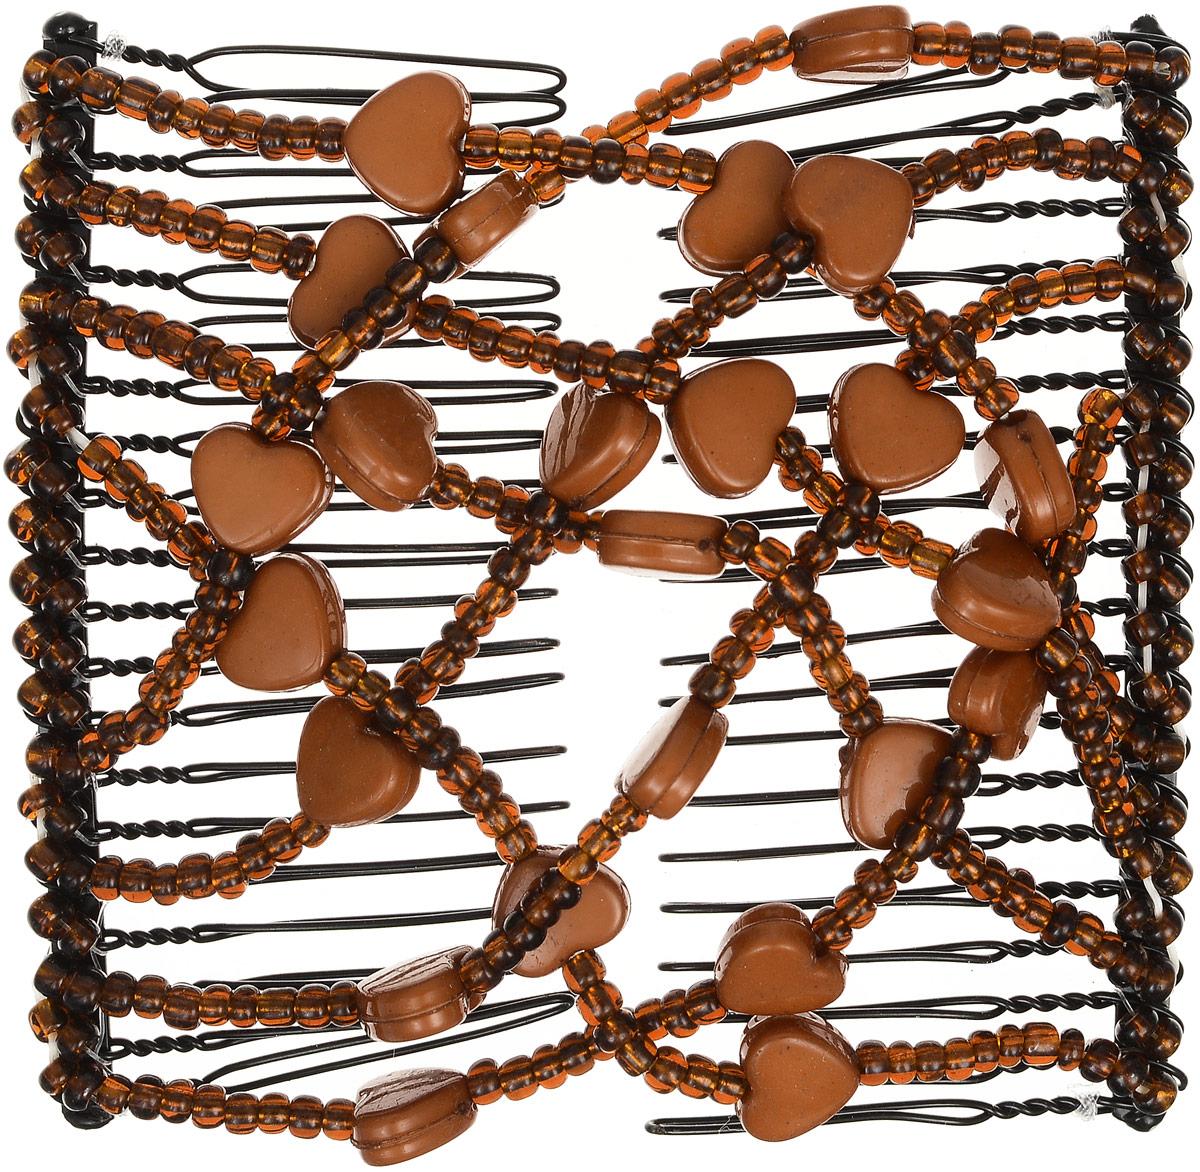 EZ-Combs Заколка Изи-Комбс, одинарная, цвет: коричневый. ЗИО_сердечкиSatin Hair 7 BR730MNУдобная и практичная EZ-Combs подходит для любого типа волос: тонких, жестких, вьющихся или прямых, и не наносит им никакого вреда. Заколка не мешает движениям головы и не создает дискомфорта, когда вы отдыхаете или управляете автомобилем. Каждый гребень имеет по 20 зубьев для надежной фиксации заколки на волосах! И даже во время бега и интенсивных тренировок в спортзале EZ-Combs не падает; она прочно фиксирует прическу, сохраняя укладку в первозданном виде.Небольшая и легкая заколка для волос EZ-Combs поместится в любой дамской сумочке, позволяя быстро и без особых усилий создавать неповторимые прически там, где вам это удобно. Гребень прекрасно сочетается с любой одеждой: будь это классический или спортивный стиль, завершая гармоничный облик современной леди. И неважно, какой образ жизни вы ведете, если у вас есть EZ-Combs, вы всегда будете выглядеть потрясающе.